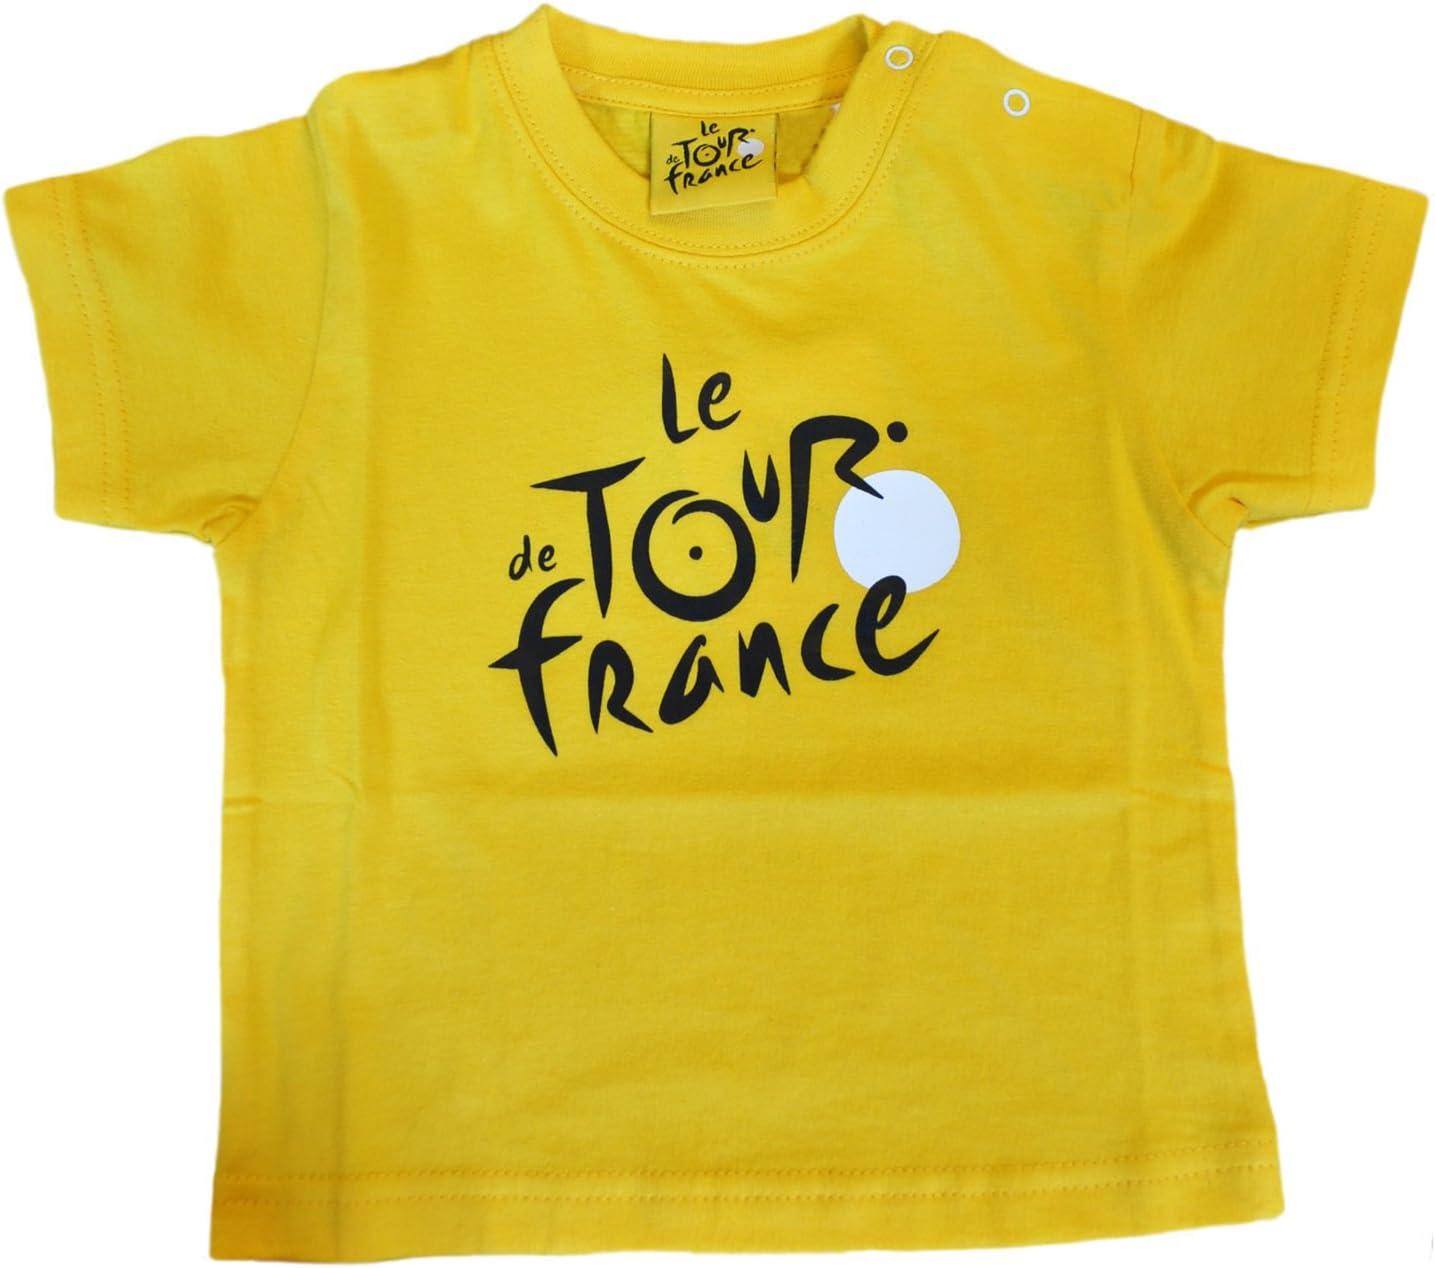 Le Tour de France Grenouill/ère Pyjama b/éb/é Grimpeur de Cyclisme Collection Officielle Taille b/éb/é gar/çon